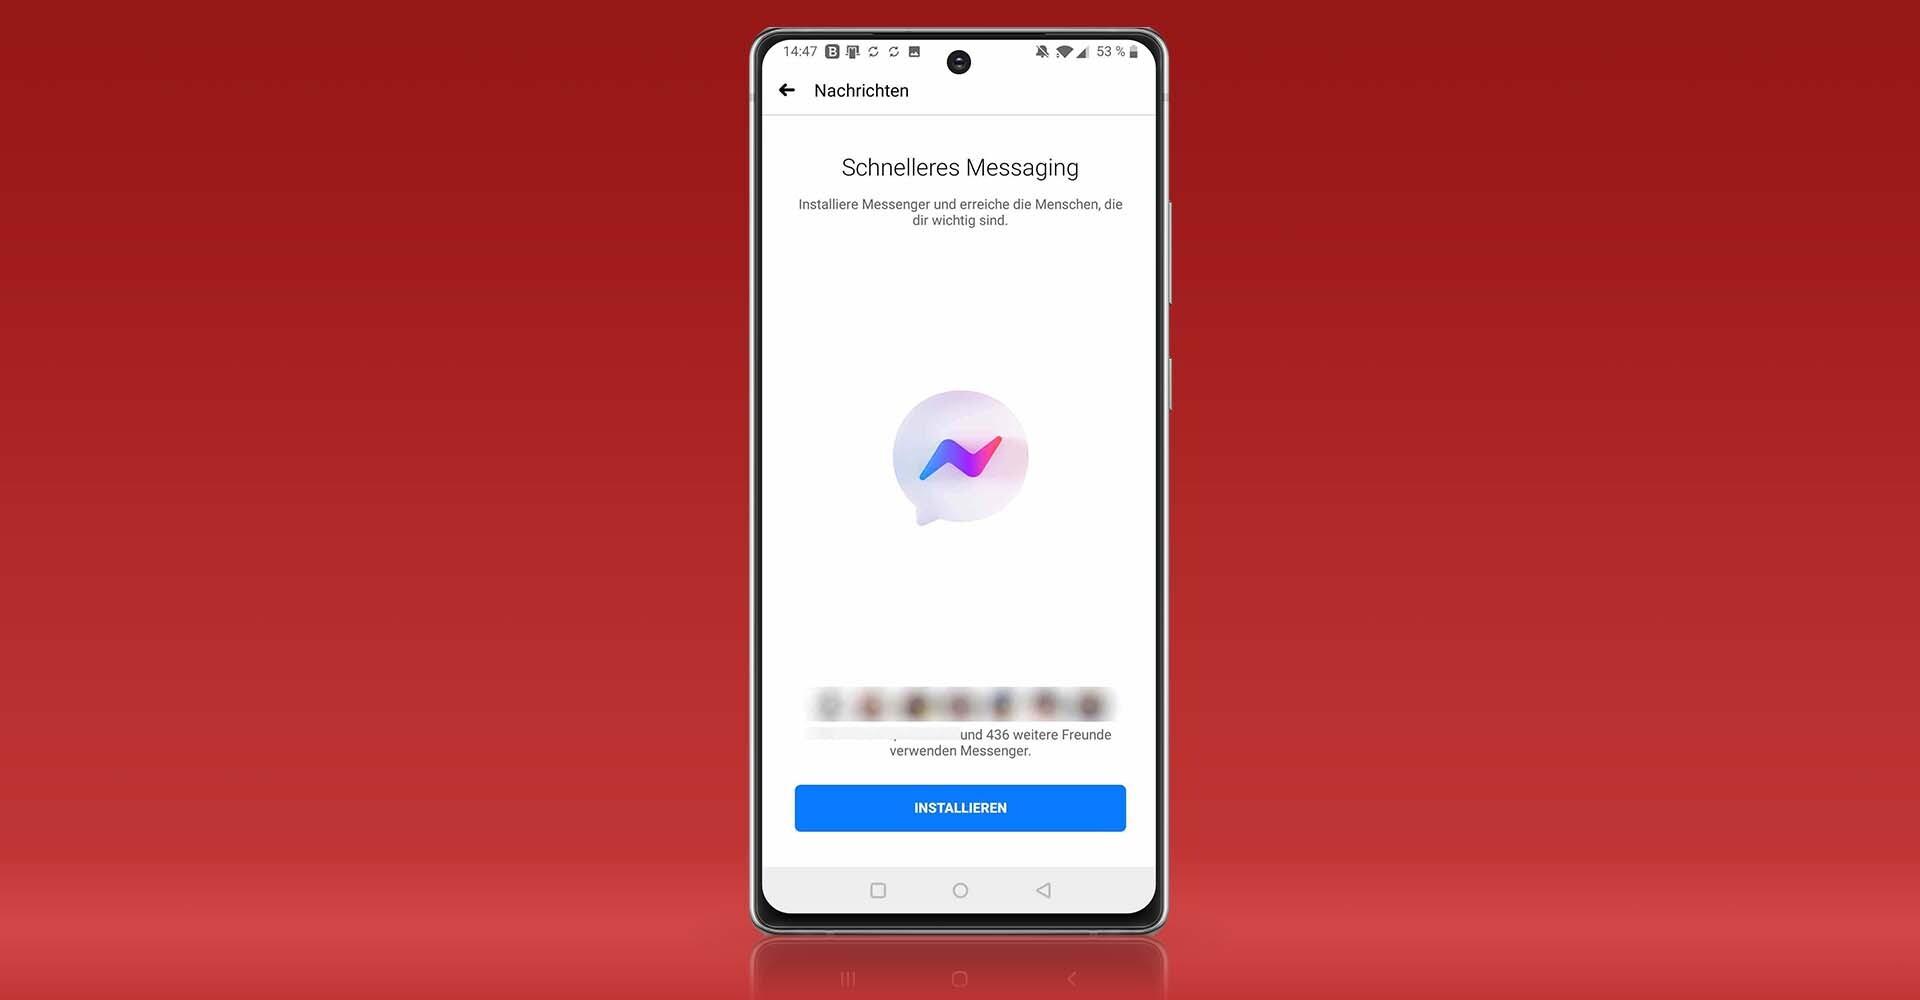 Fehlermeldung beim Aufrufen des Messengers in der Facebook-App